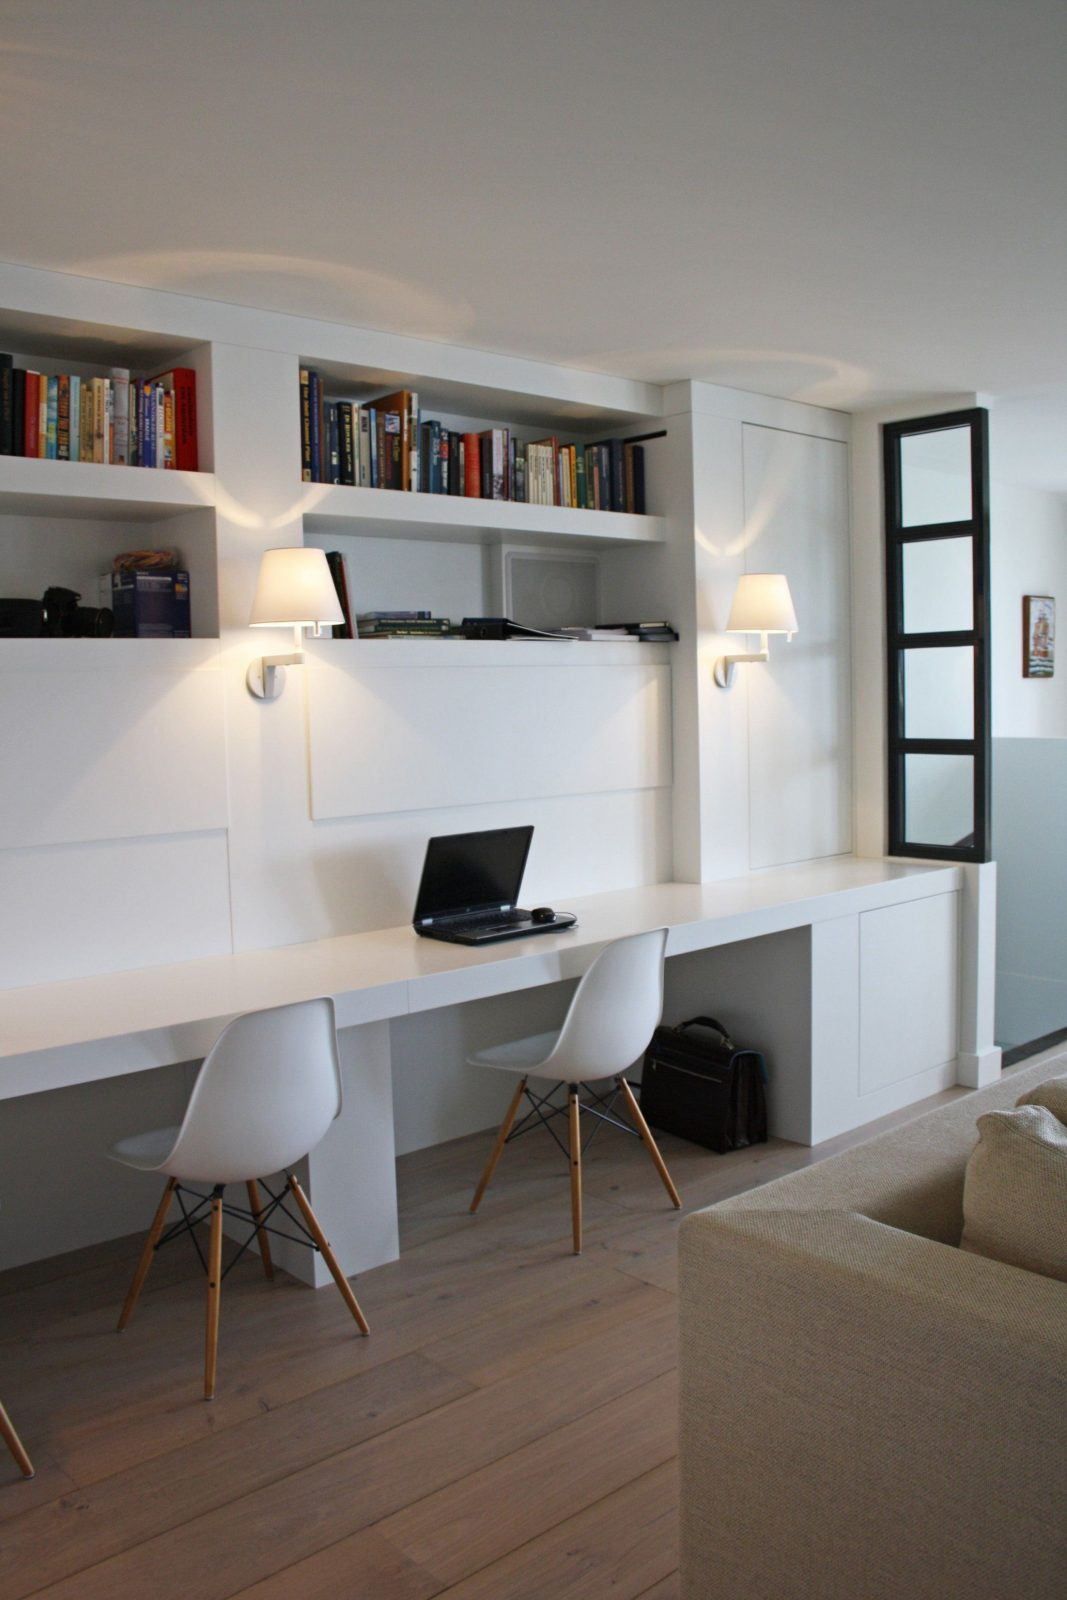 Arbeiten Von Zuhause Sei Dein Eigener Chef Besuche Meine Seite von Büro Ideen Für Zuhause Bild